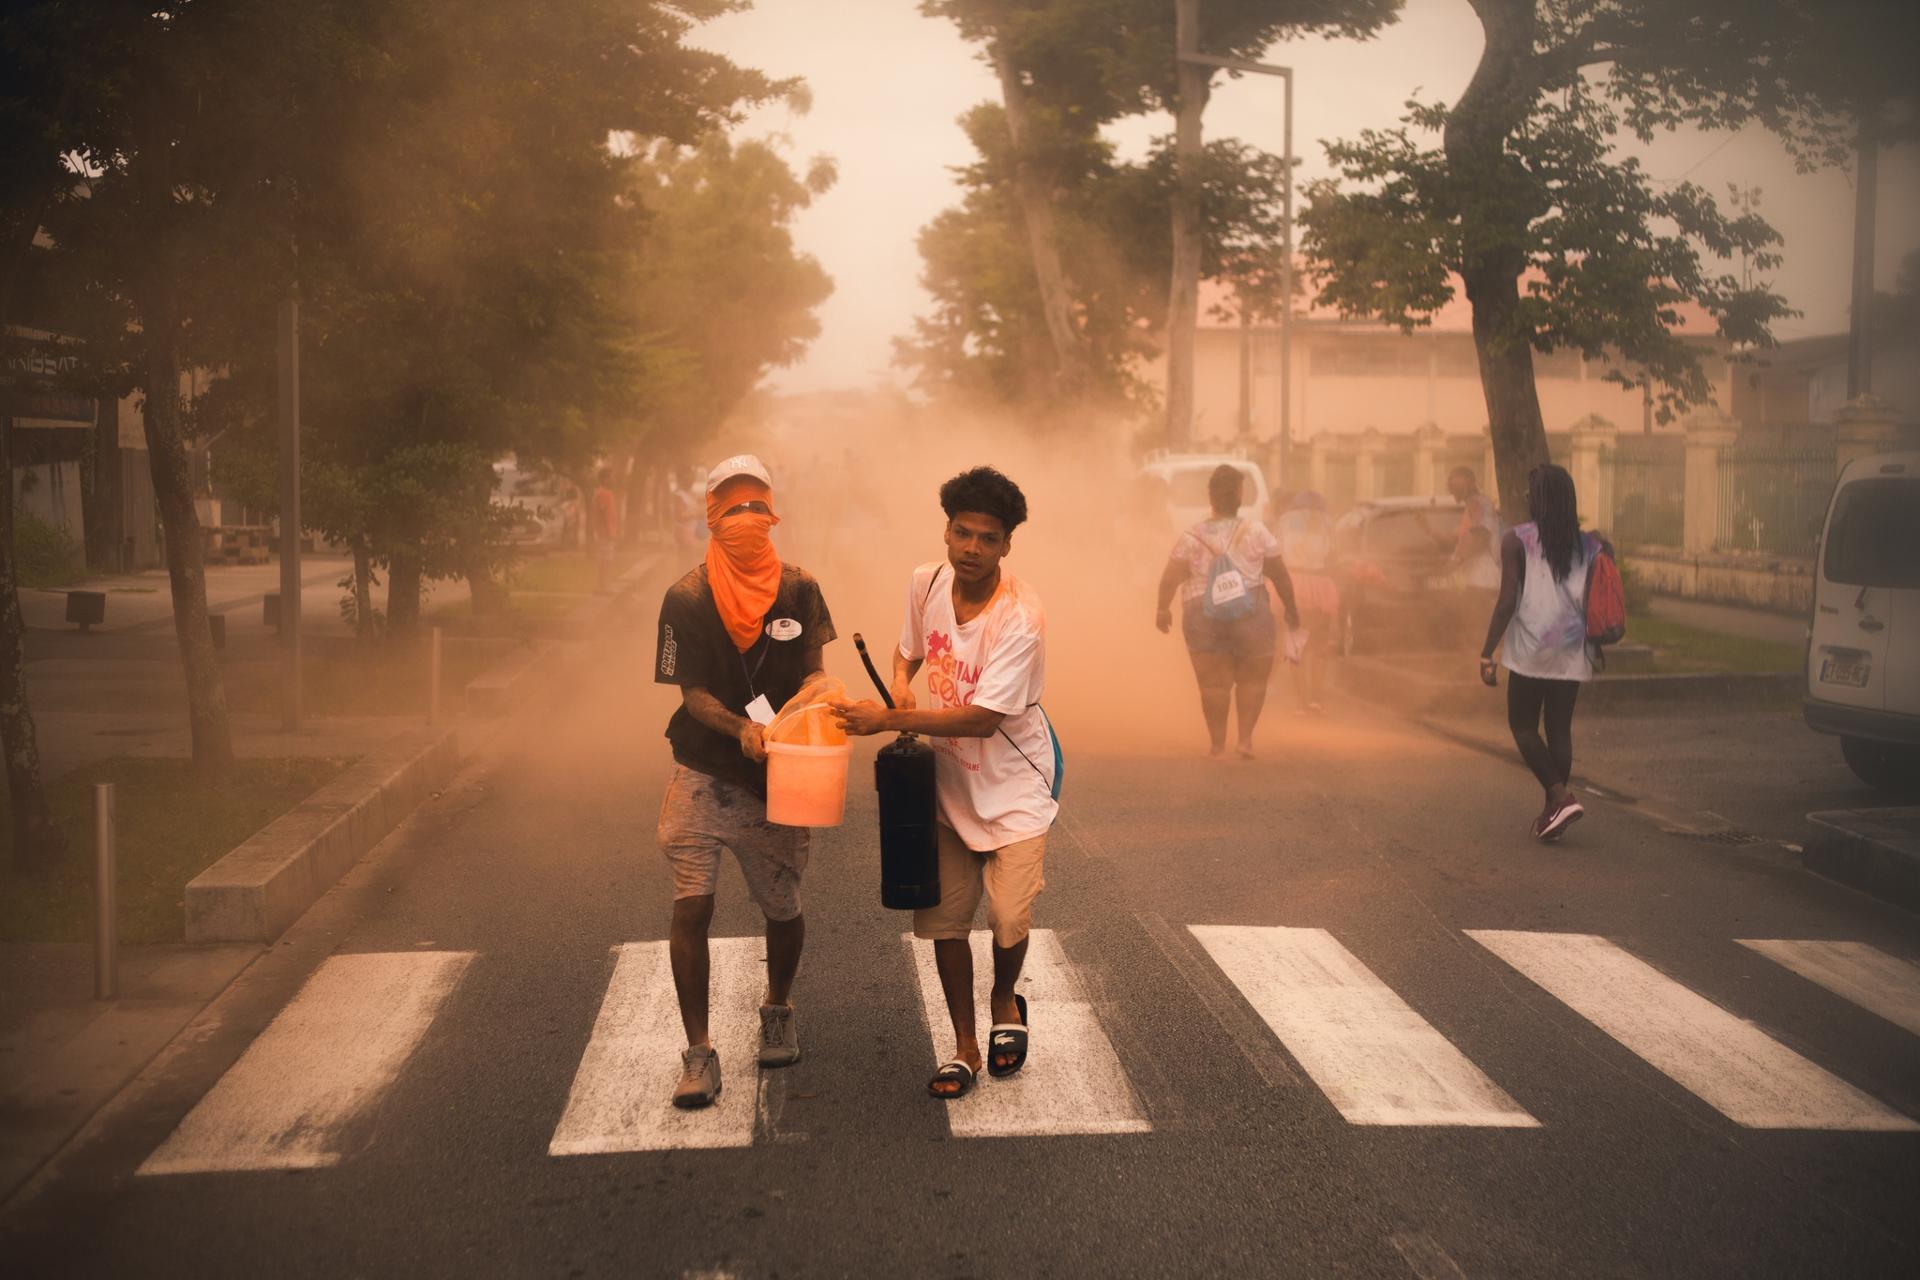 Orange riots